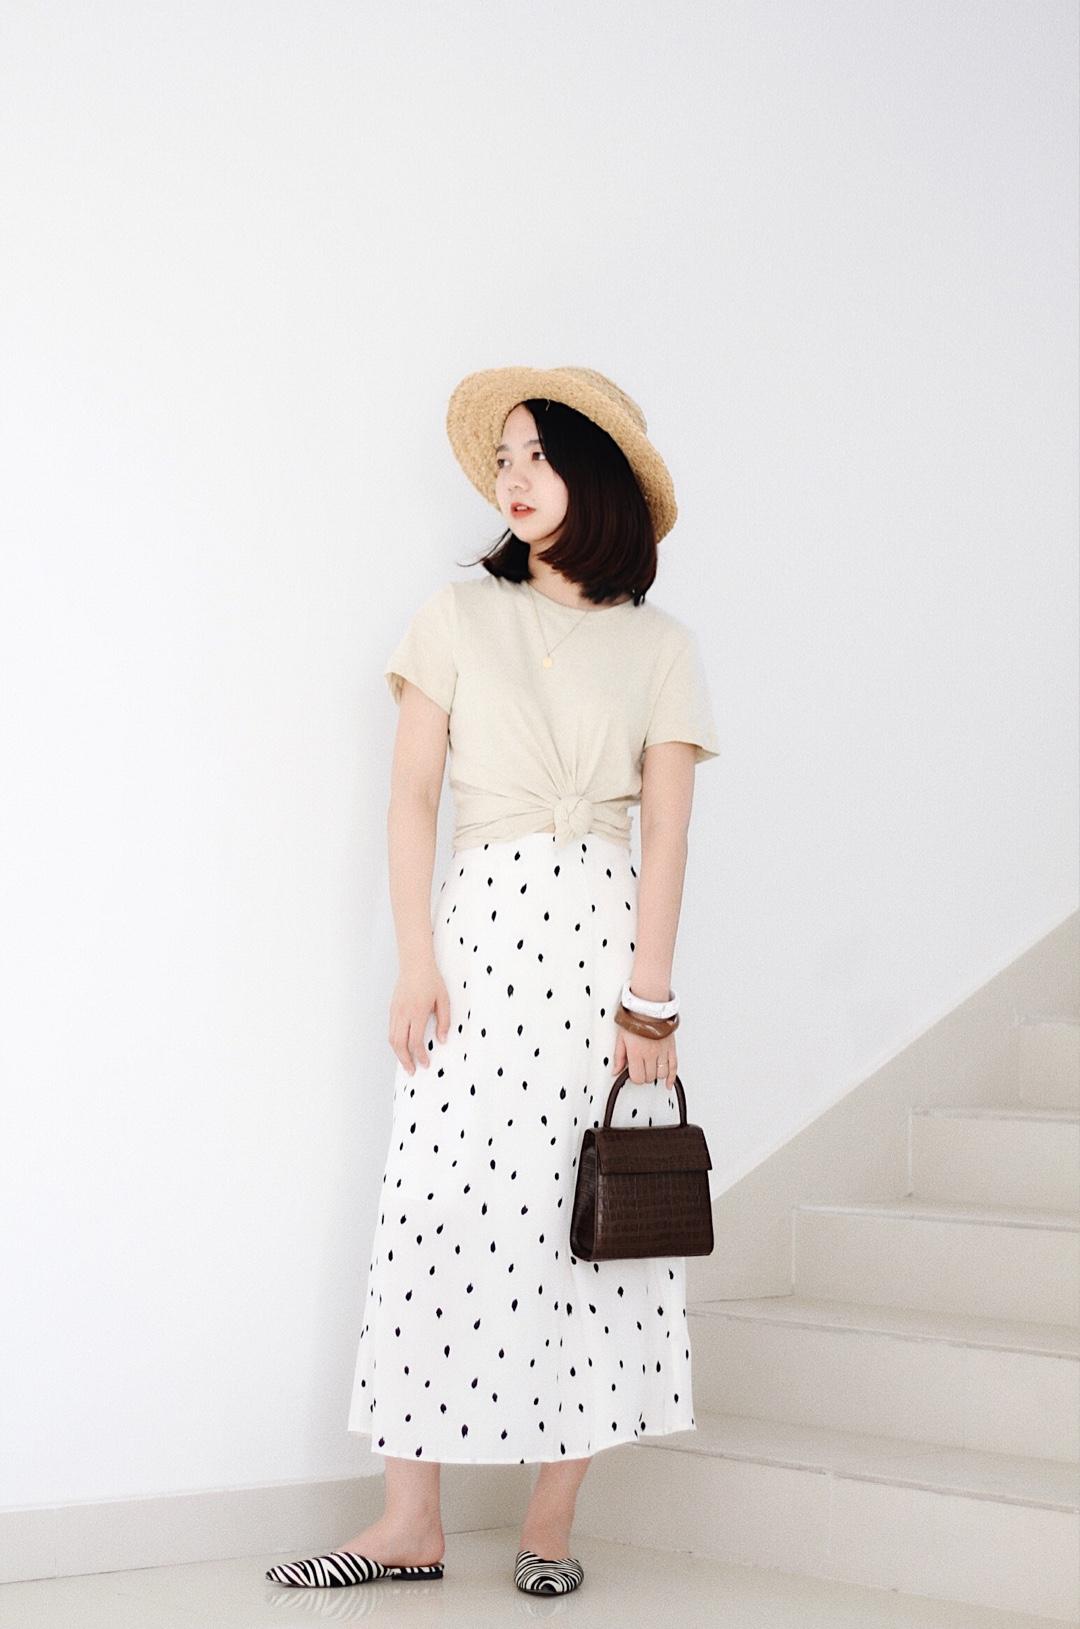 #穿这样,妈妈不担心你没人追!#米色t恤搭配点点半裙气质温柔,宽手镯和草帽为一套增添时髦轻松感,适合约会出游,这样穿就是气质小姐姐啦!